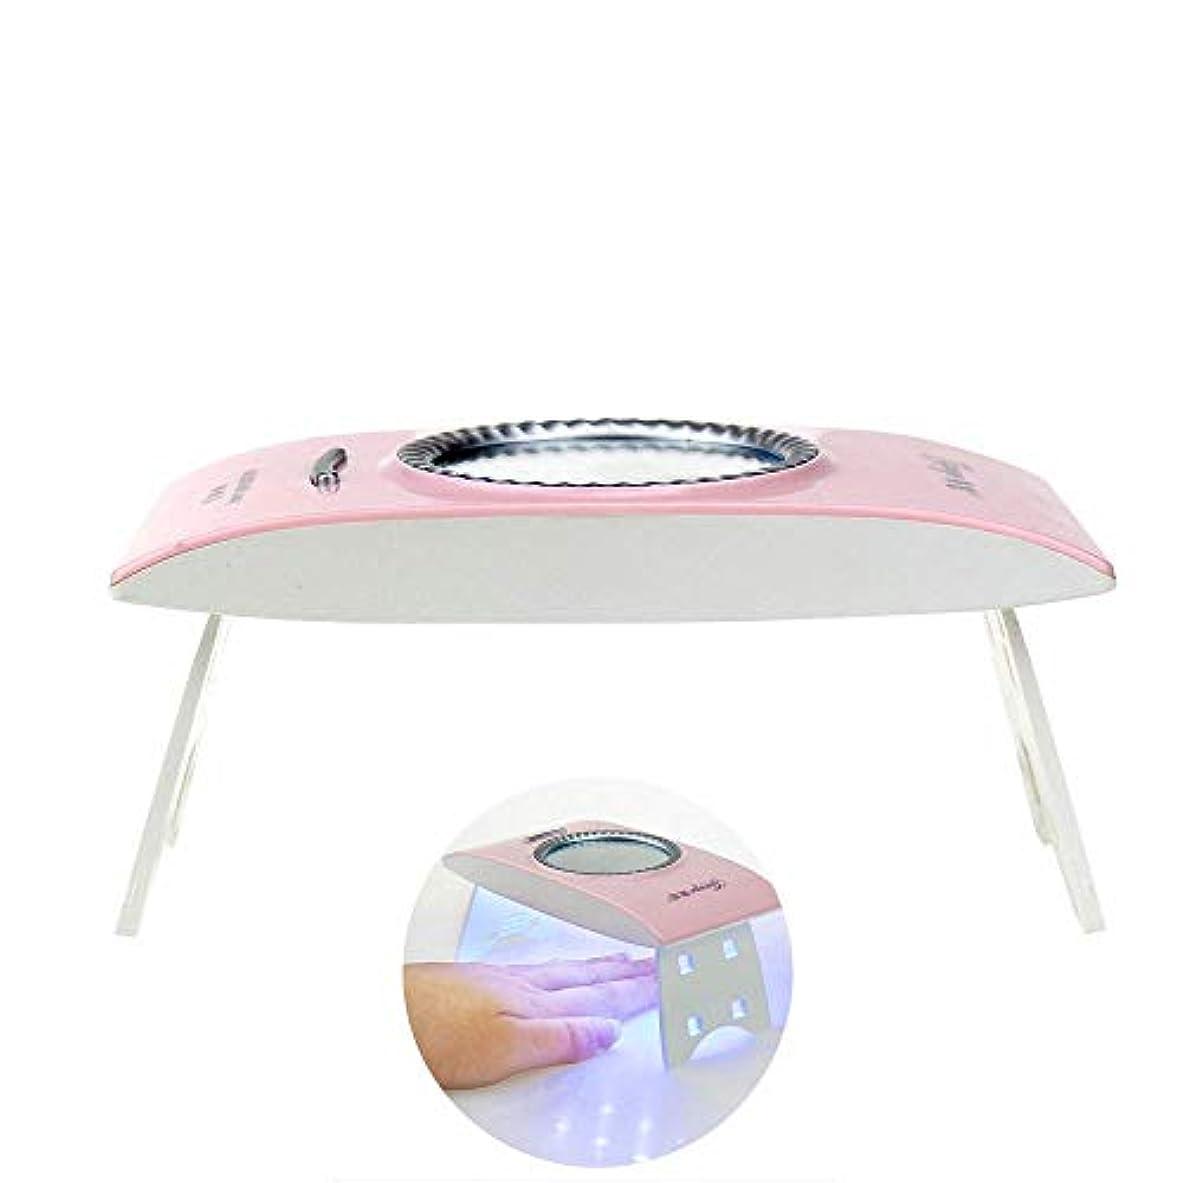 貸すはっきりしない端ネイルとジェルポリッシュランプ用ランプUV UVネイルランプネイル乾燥光線療法機硬化ジェルワニス研磨装置